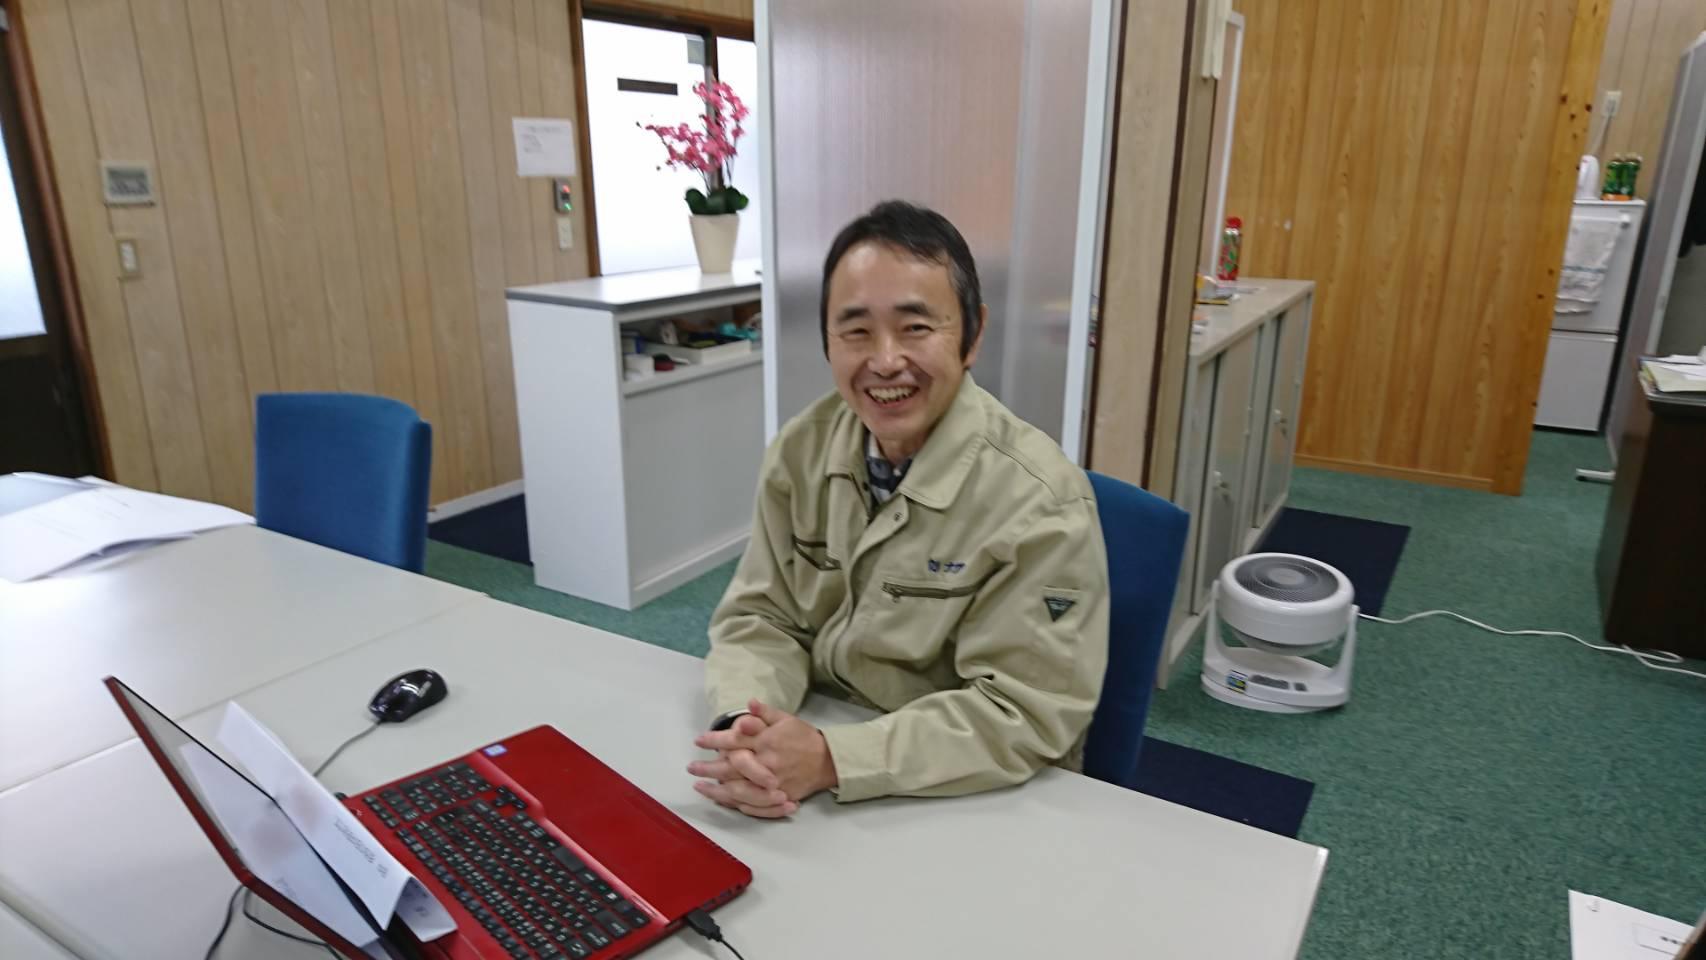 ケーブルテレビJ-COMの撮影